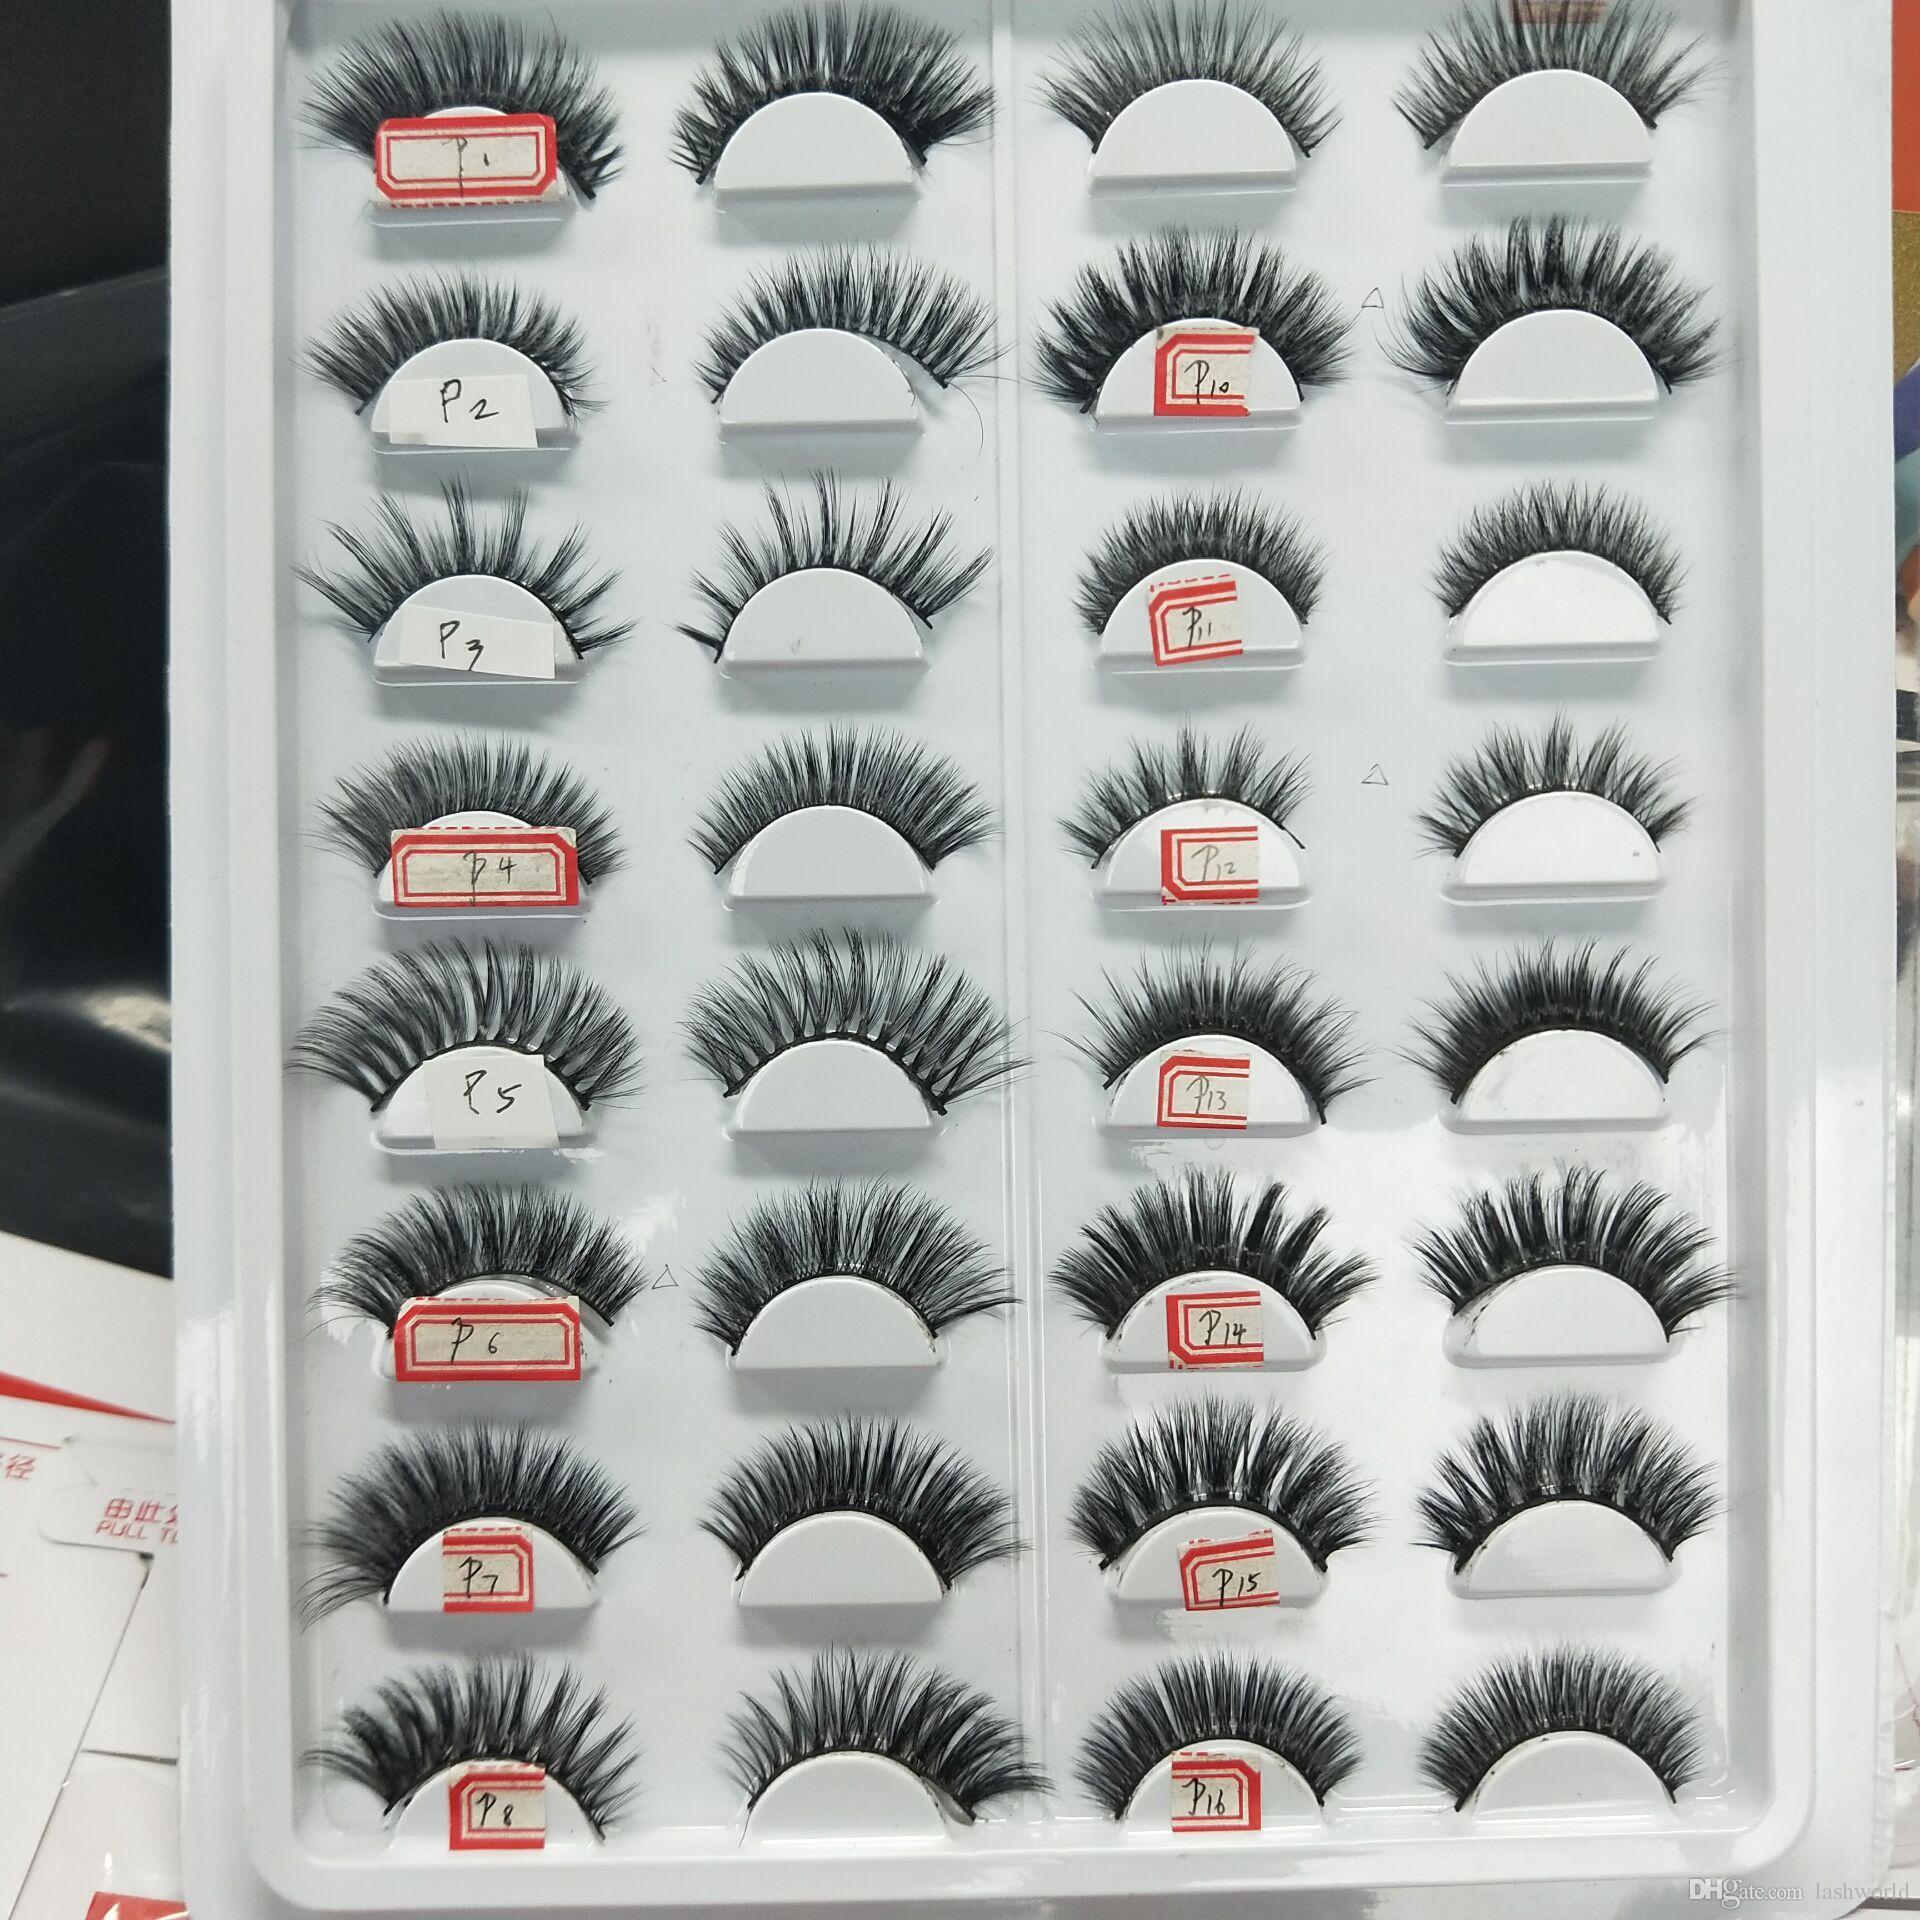 Seashine lollipop emballage cils de soie étiquettes du client sont disponibles en matière synthétique de haute qualité cils livraison gratuite